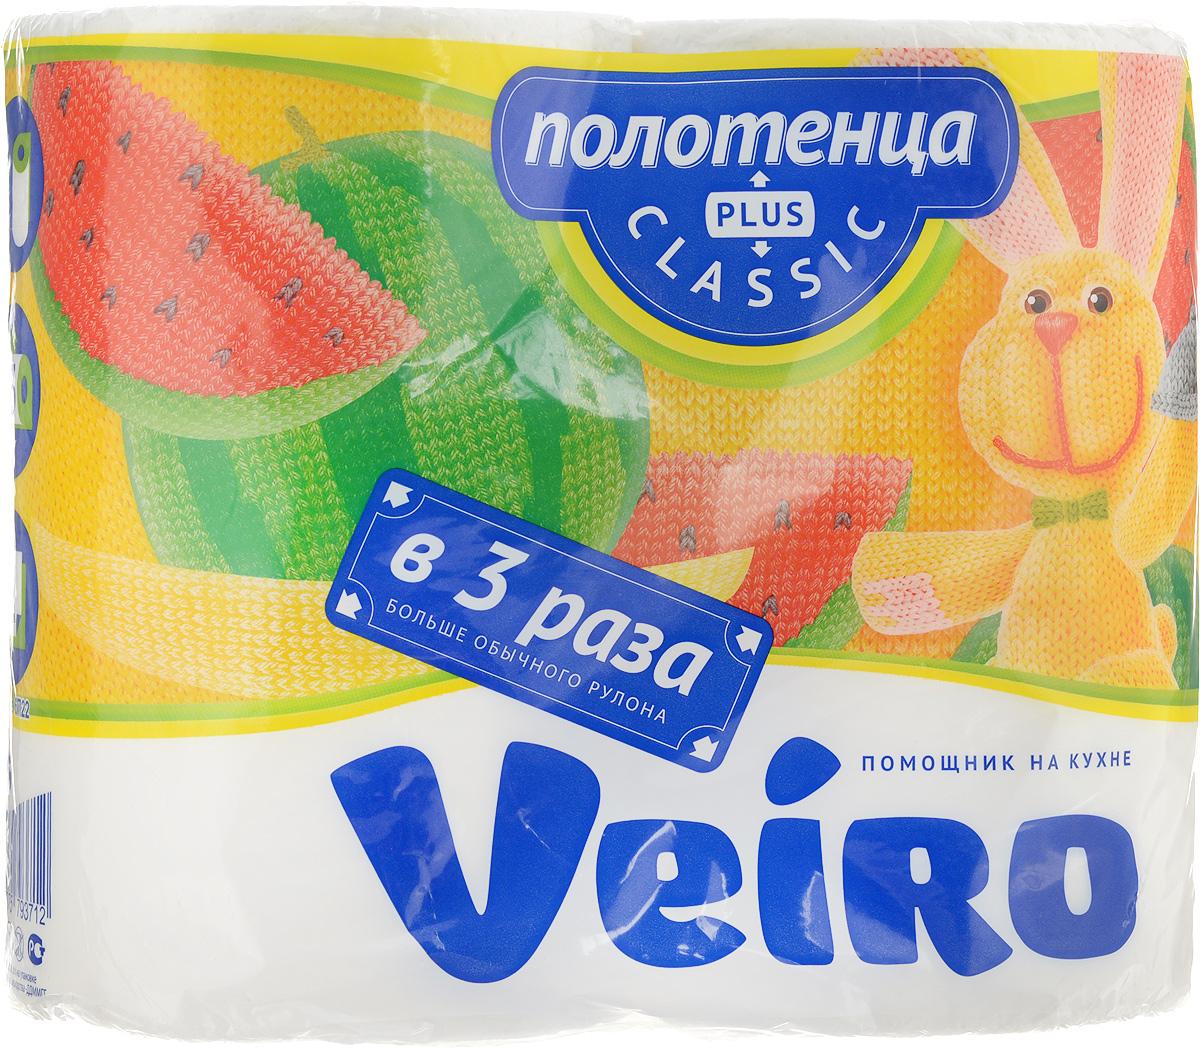 Полотенца бумажные Veiro Classic Plus, двухслойные, 2 рулона6П22Двухслойные бумажные полотенца Veiro Classic Plus, выполненные из вторичного волокна, подарят превосходный комфорт и ощущение чистоты и свежести. Изделия просты в использовании, их нужно просто утилизировать после применения. Специальное тиснение улучшает способность материала впитывать влагу, что позволяет полотенцам еще лучше справляться со своей работой. Салфетки отрываются по специальной перфорации. Полотенца Veiro Classic Plus прекрасно подойдут для использования на вашей кухне. Количество рулонов: 2 шт. Количество слоев: 2. Длина рулона: 37,5 м. Размер листа: 22 х 25 см.